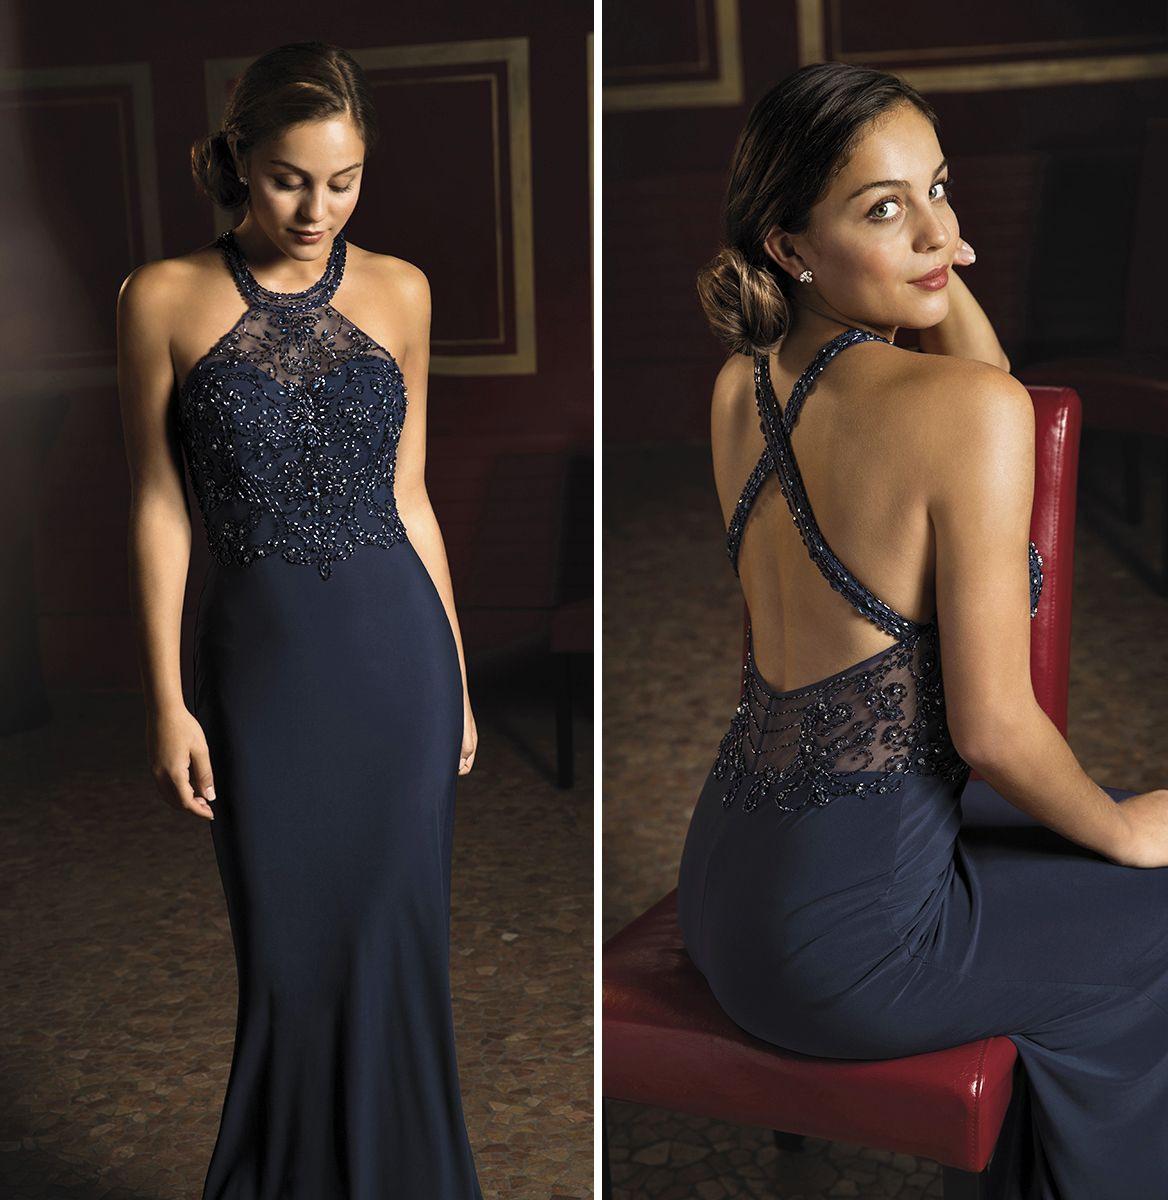 Formal Schön Schönes Abend Kleid Boutique20 Erstaunlich Schönes Abend Kleid Boutique